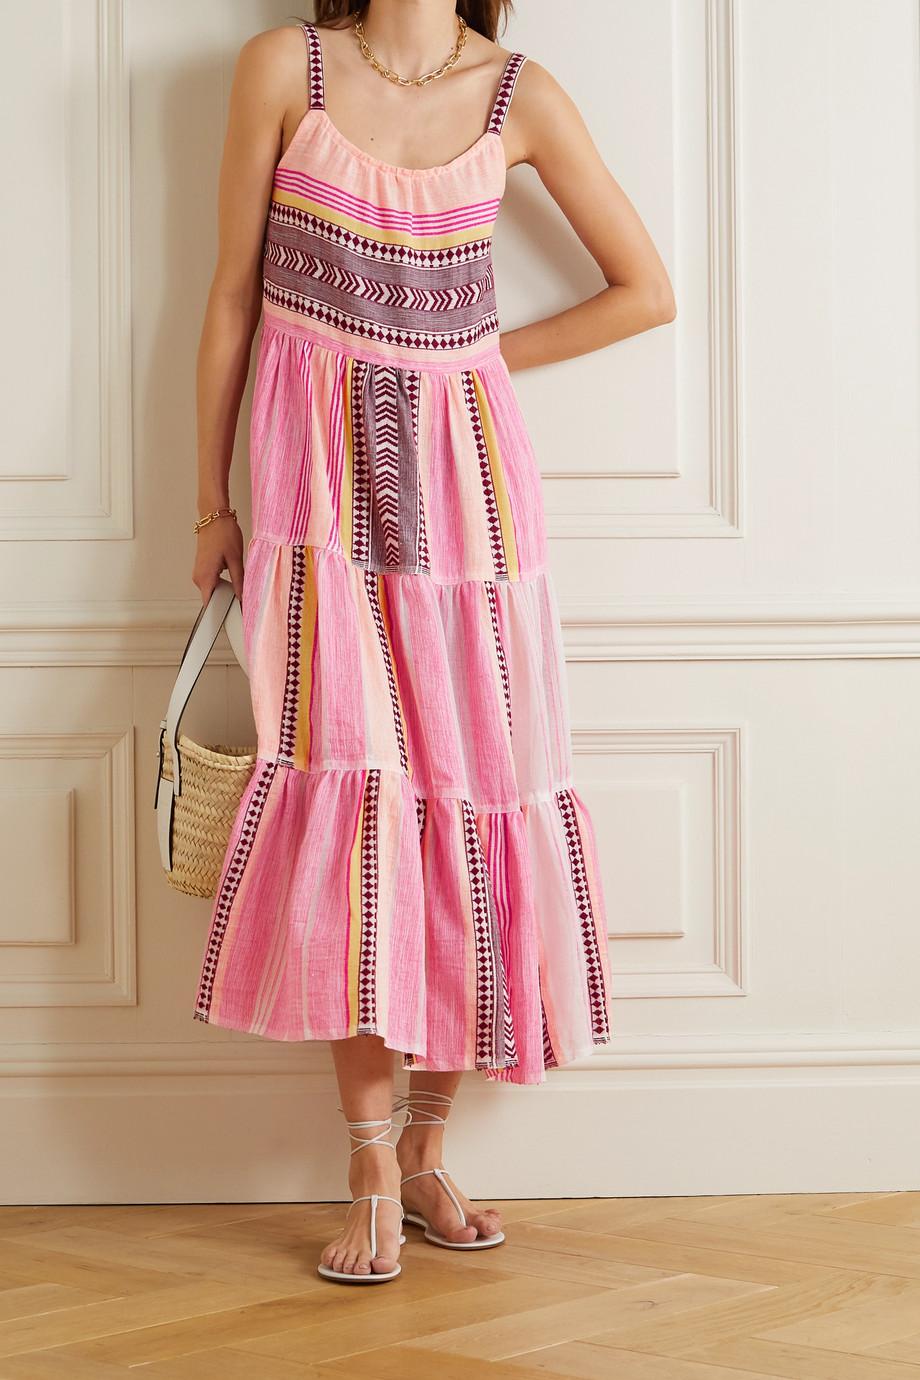 LemLem + NET SUSTAIN Neela Cascade Kleid aus Gaze aus einer Baumwollmischung